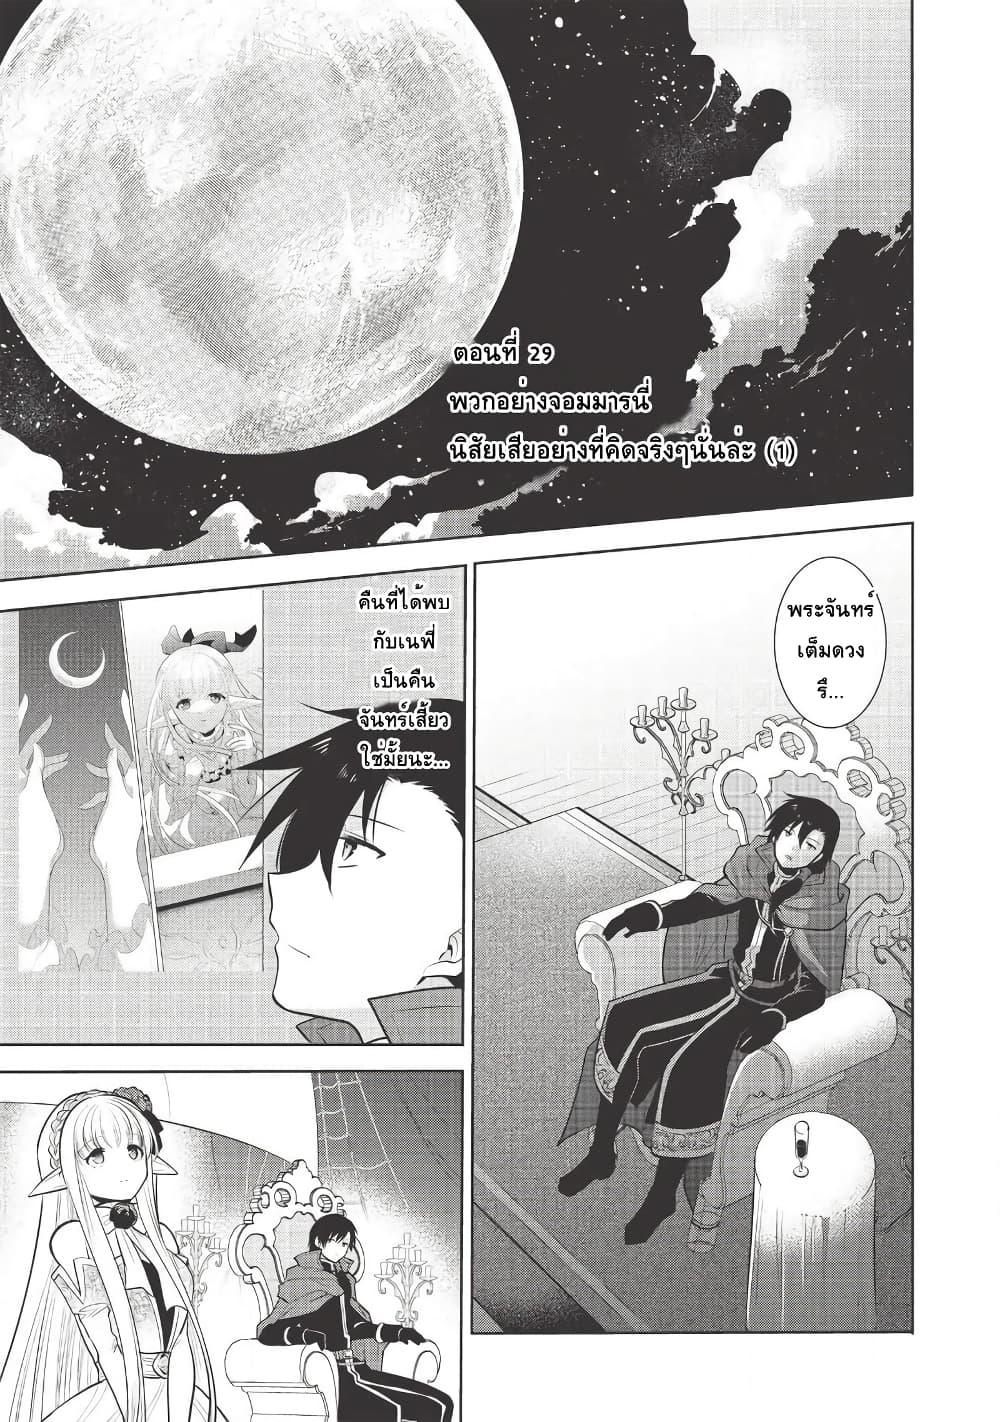 อ่านการ์ตูน Maou no Ore ga Dorei Elf wo Yome ni Shitanda ga Dou Medereba Ii ตอนที่ 29 หน้าที่ 1